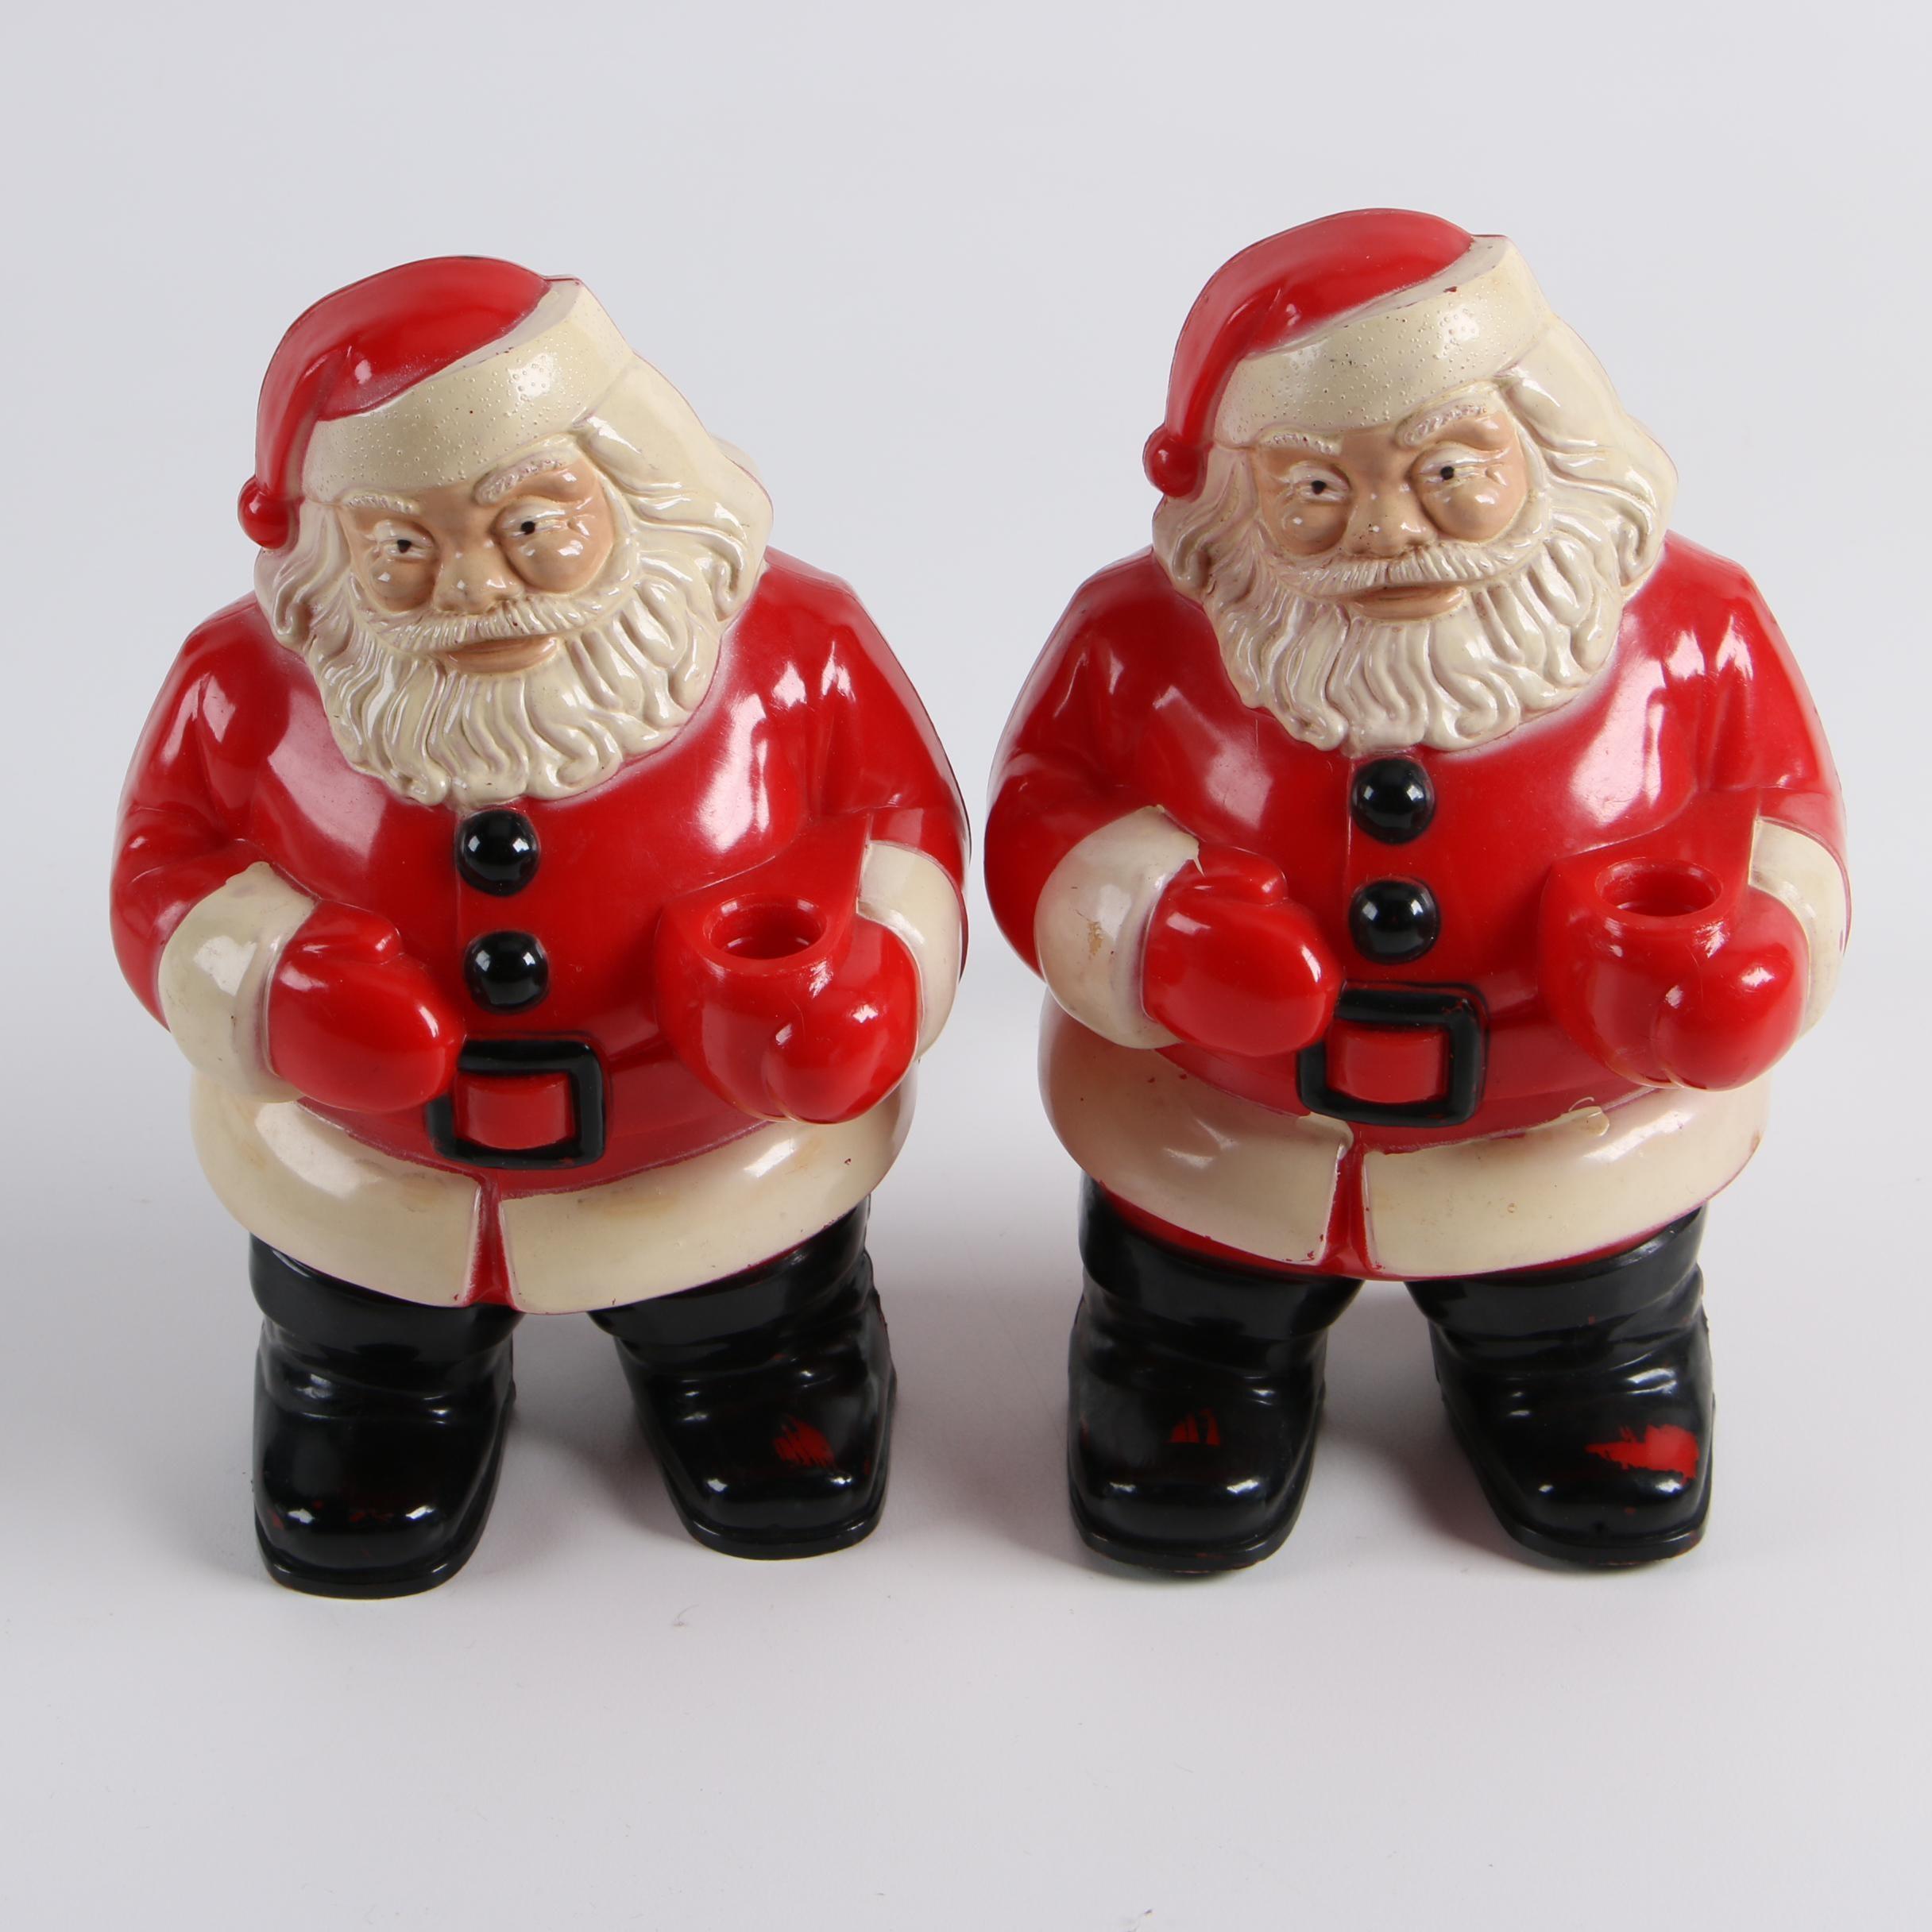 Vintage Illuminated Santa Claus Figurines